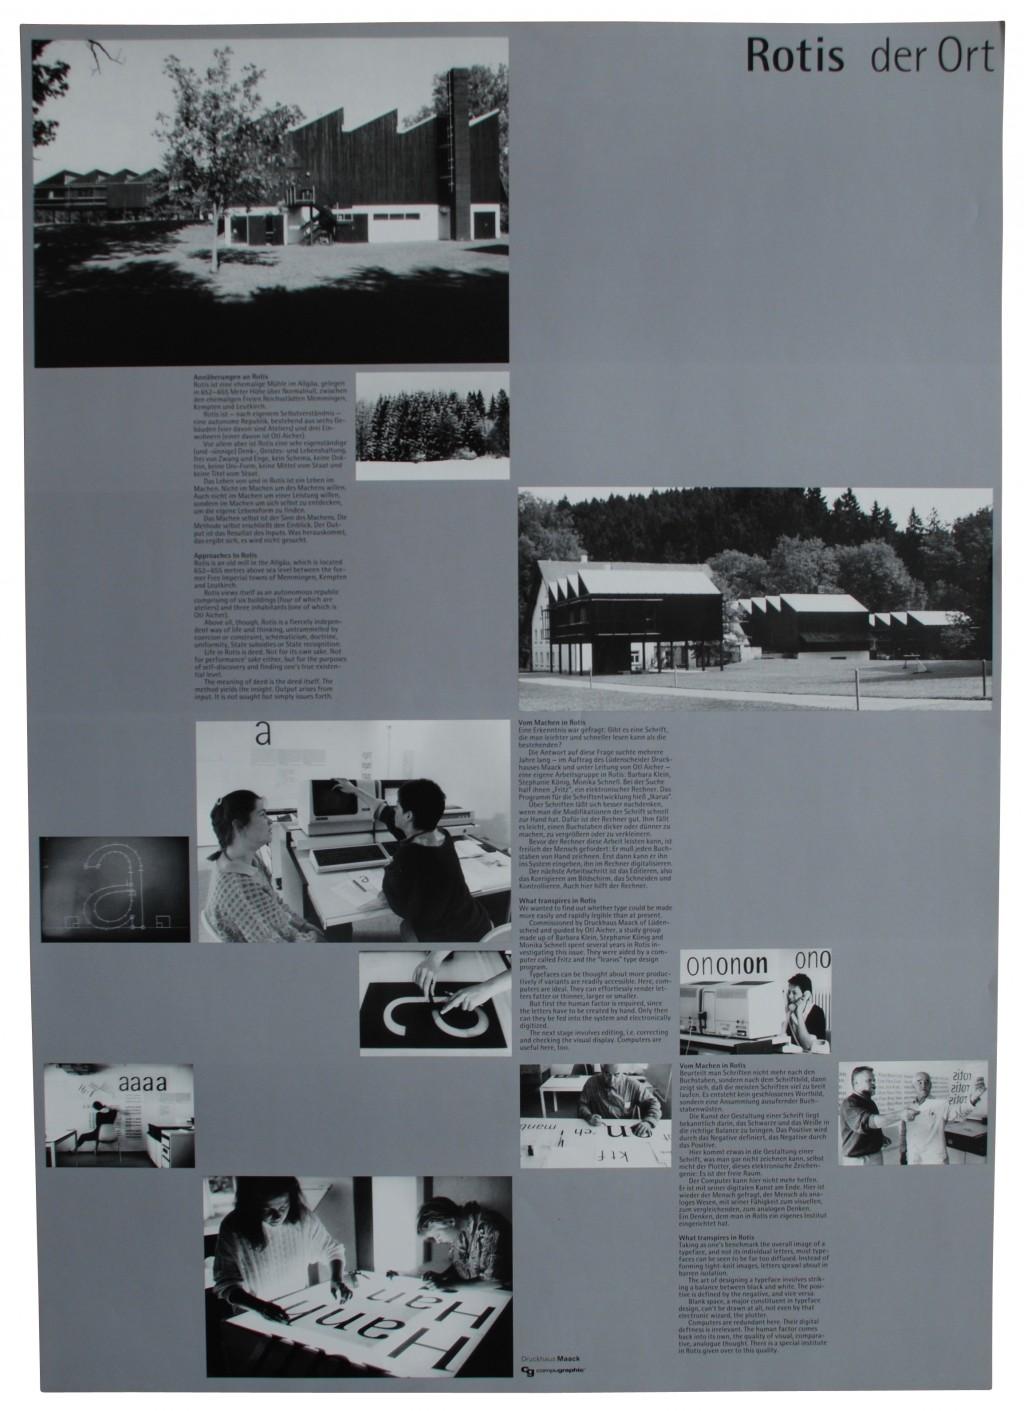 Plakat 'Rotis der Ort', Otl Aicher 1988